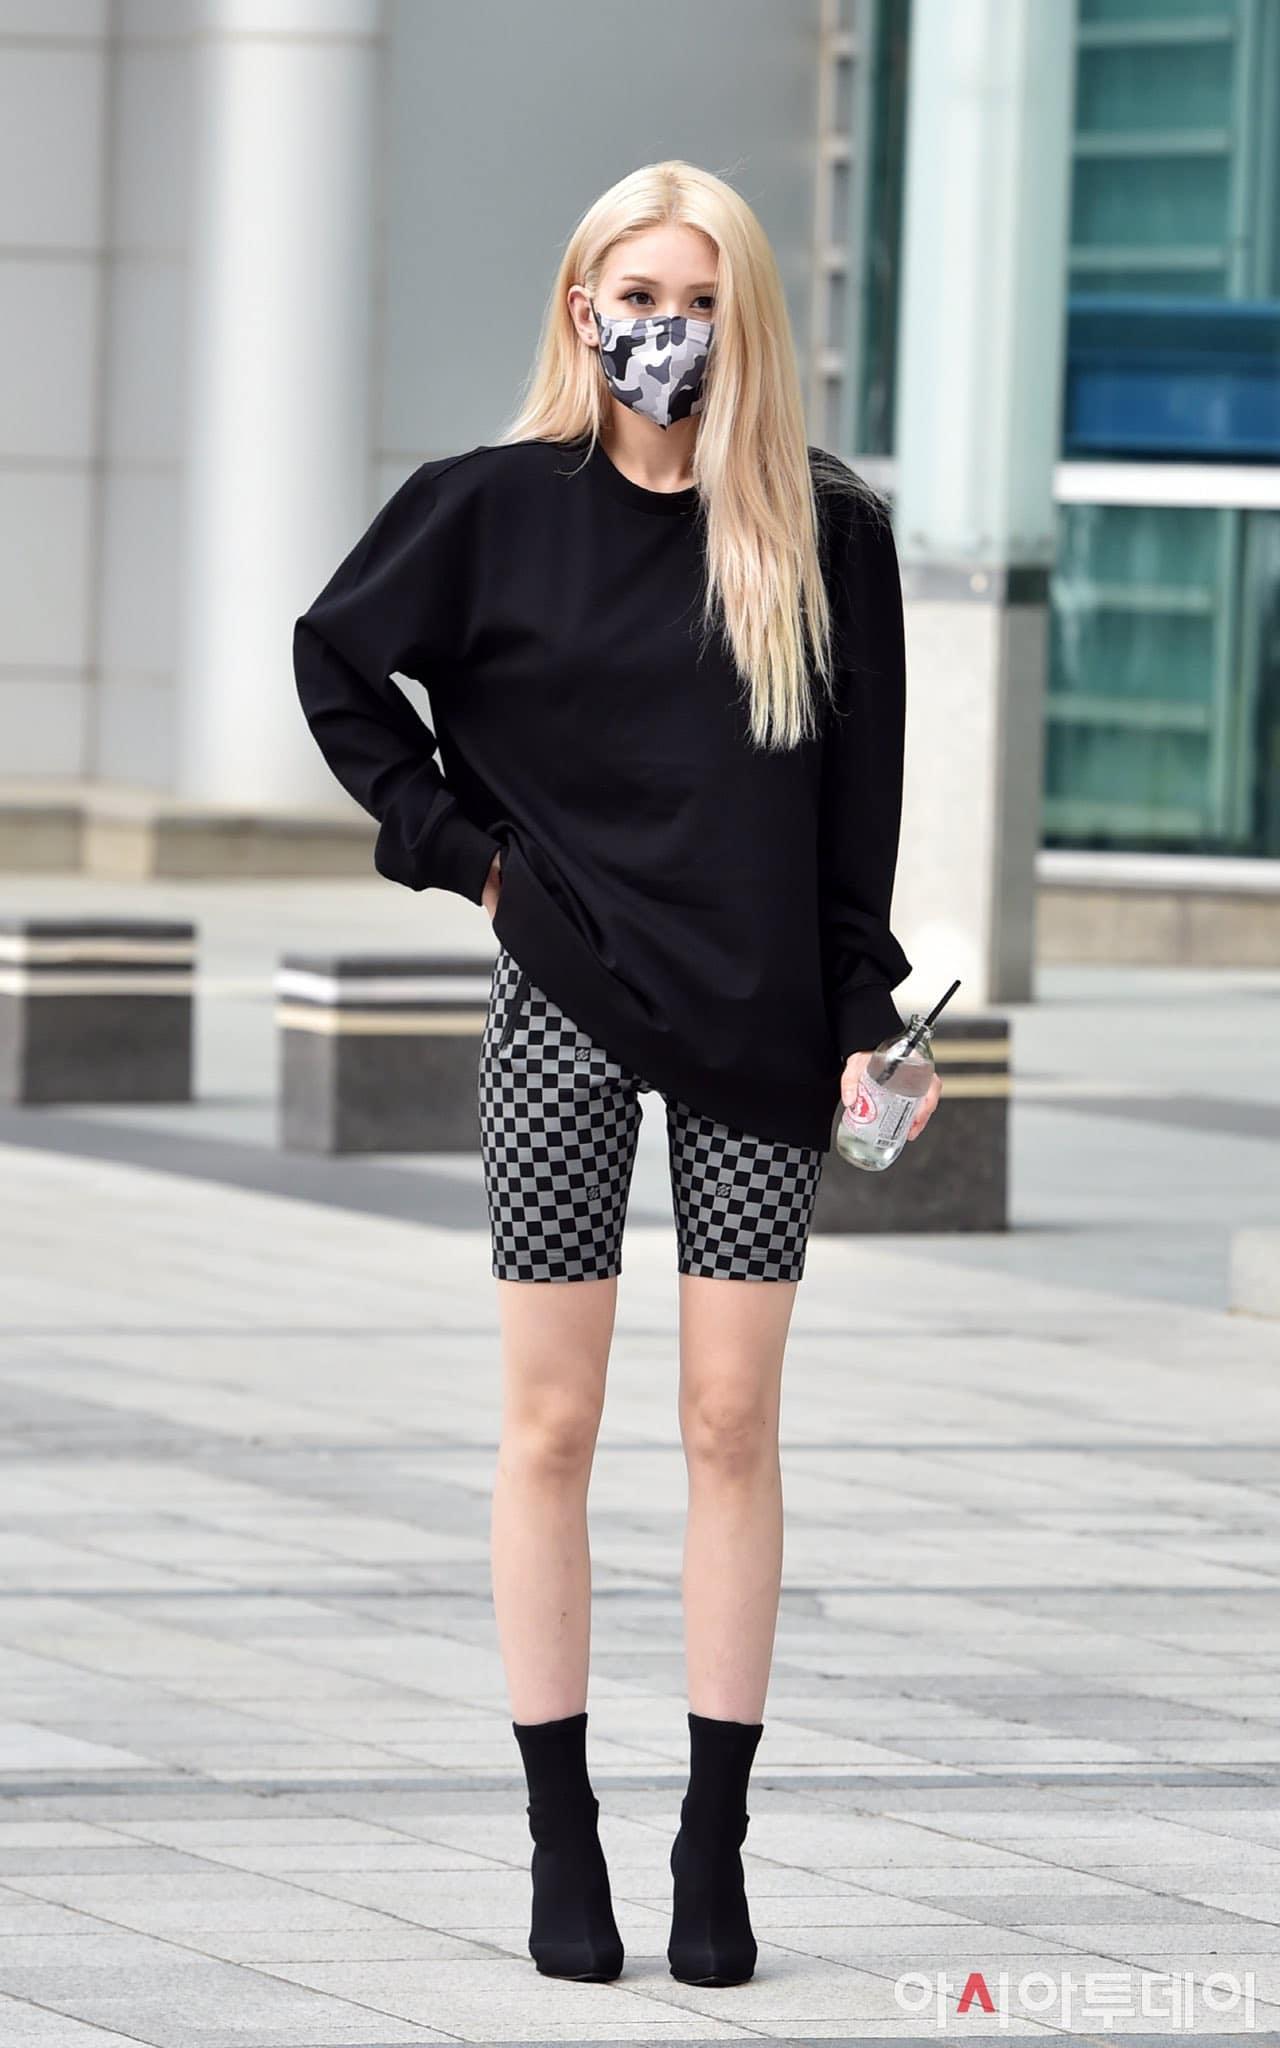 Kết hợp áo nỉ cùng chân váy hay biker shorts, cô nàng đều khoe được đôi chân nuột nà, thẳng tắp không tì vết.